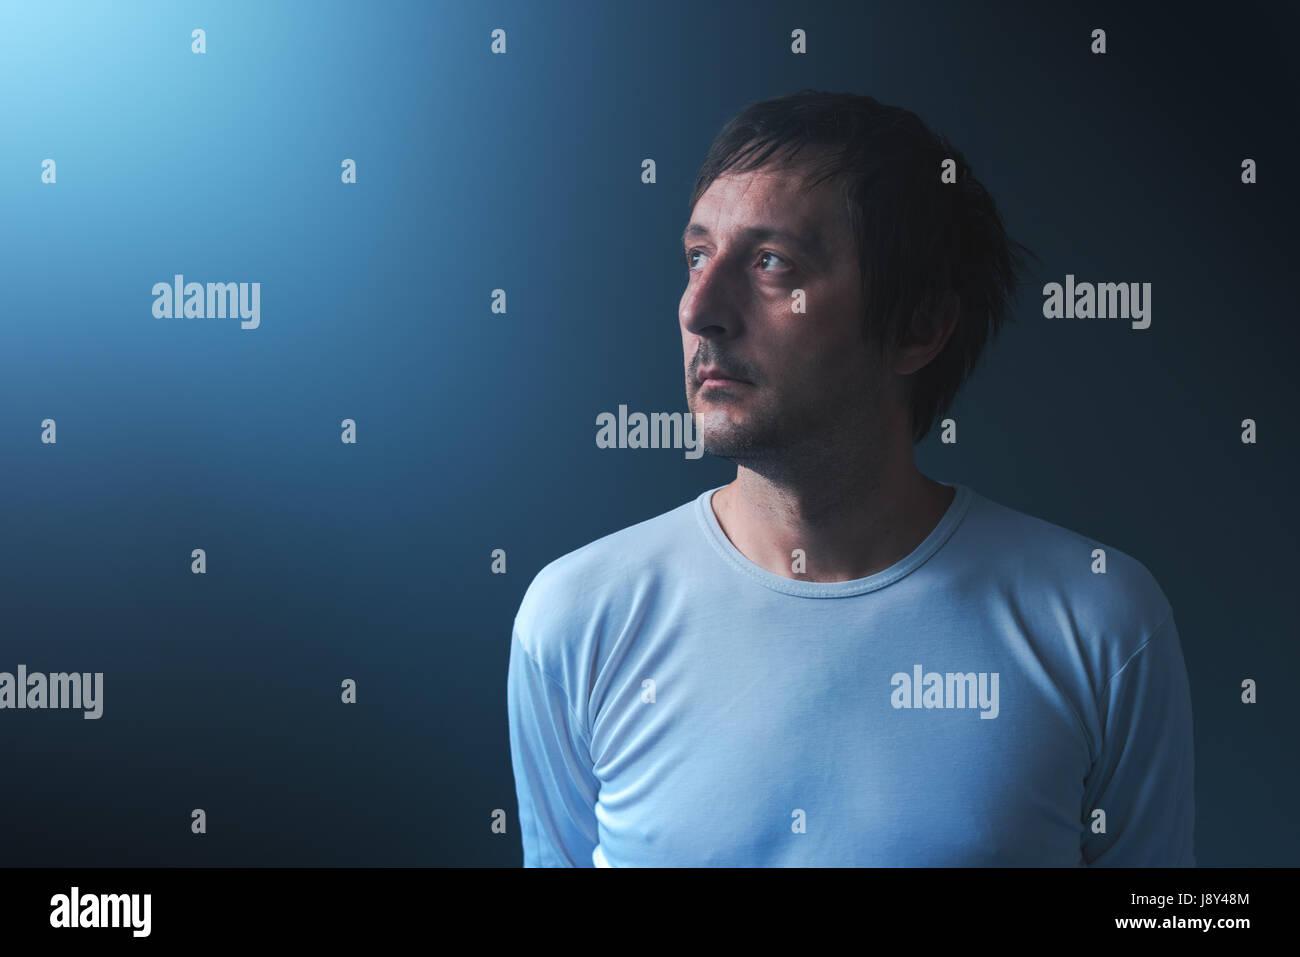 L'homme désespéré à la recherche jusqu'à la lumière, triste et déçu Photo Stock